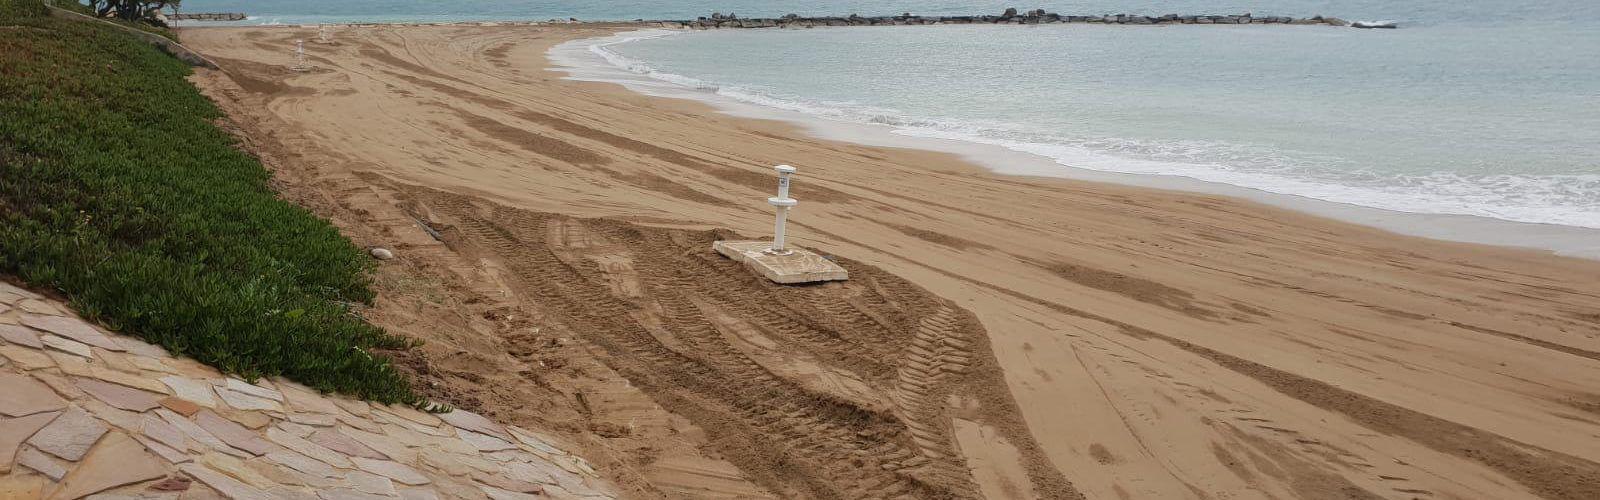 Treballs d'adequació i millora del litoral de Vinaròs